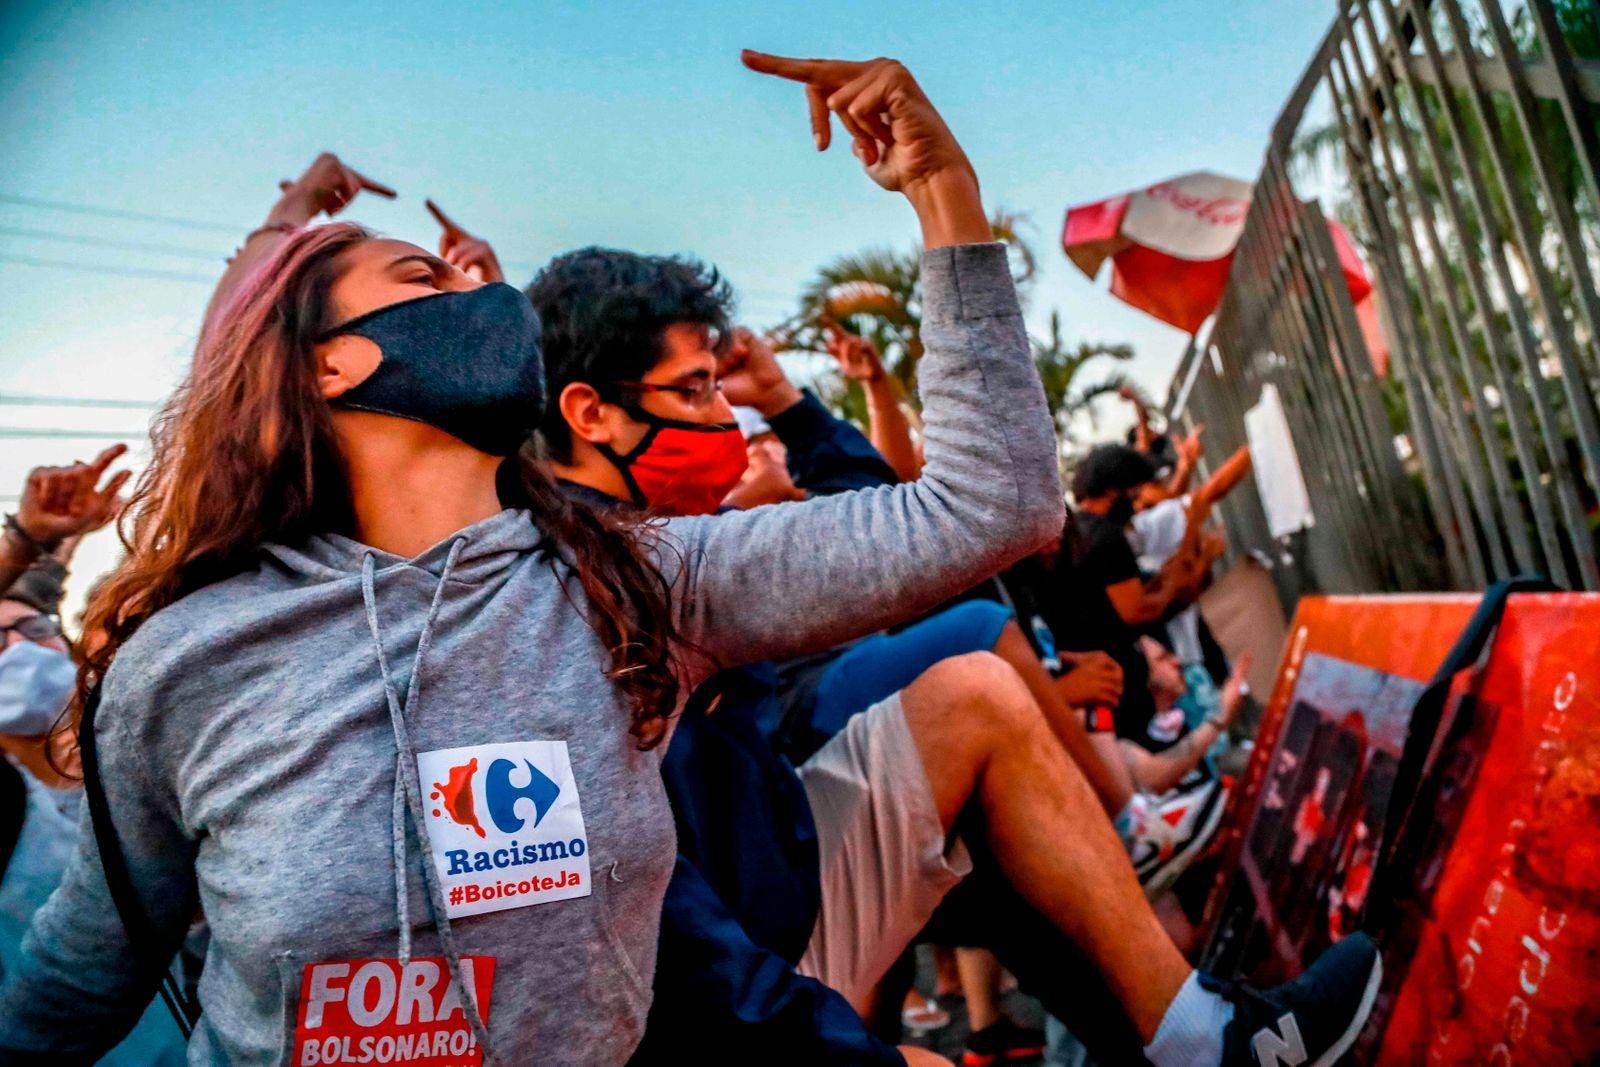 TOPSHOT-BRAZIL-CRIME-RACISM-DEATH